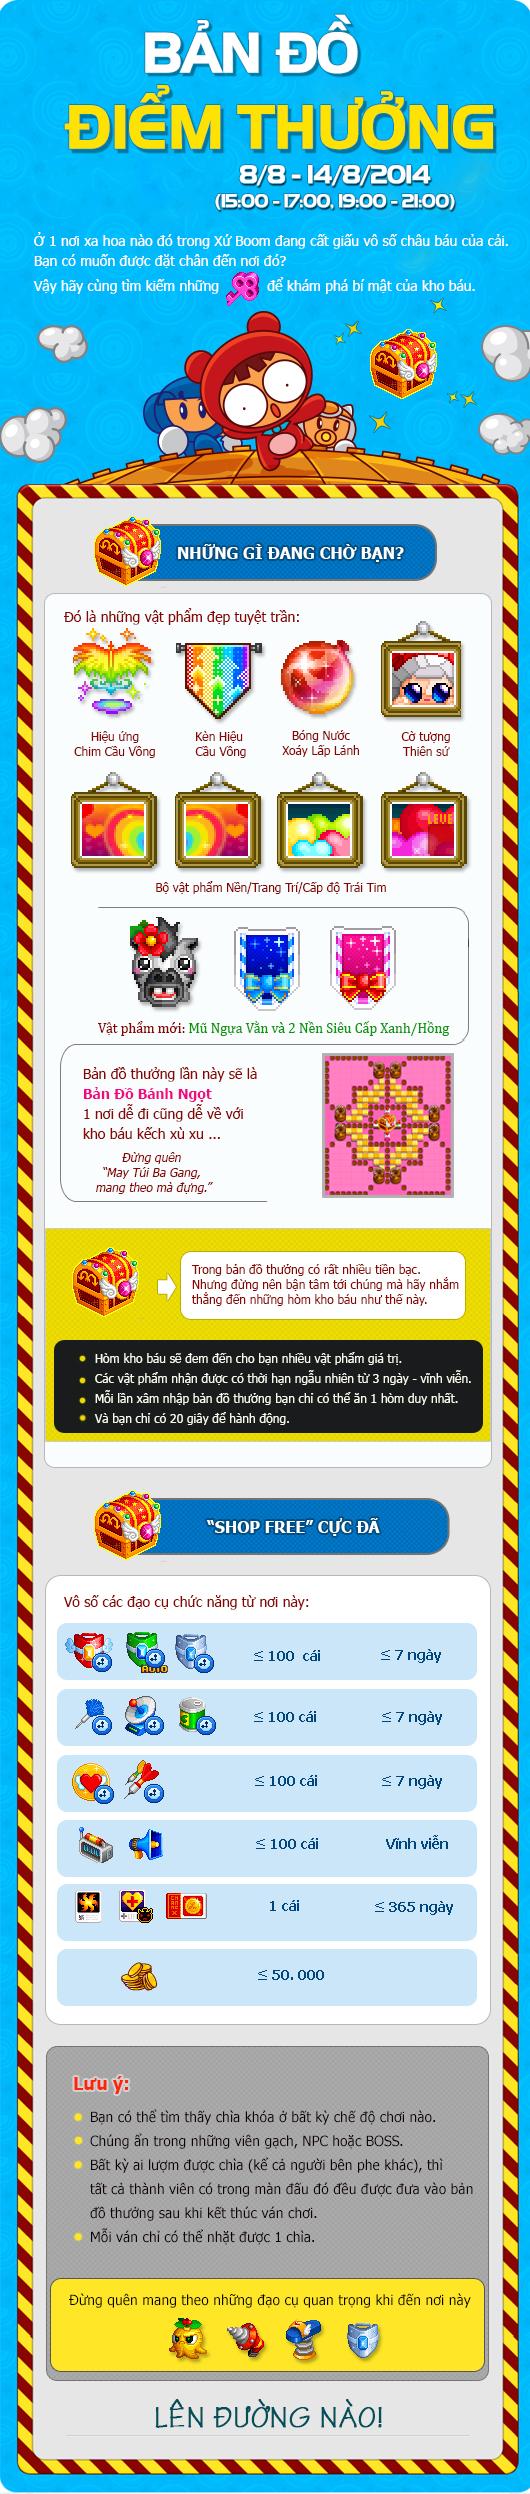 Bản đồ điểm thưởng BanDoThuong(1)